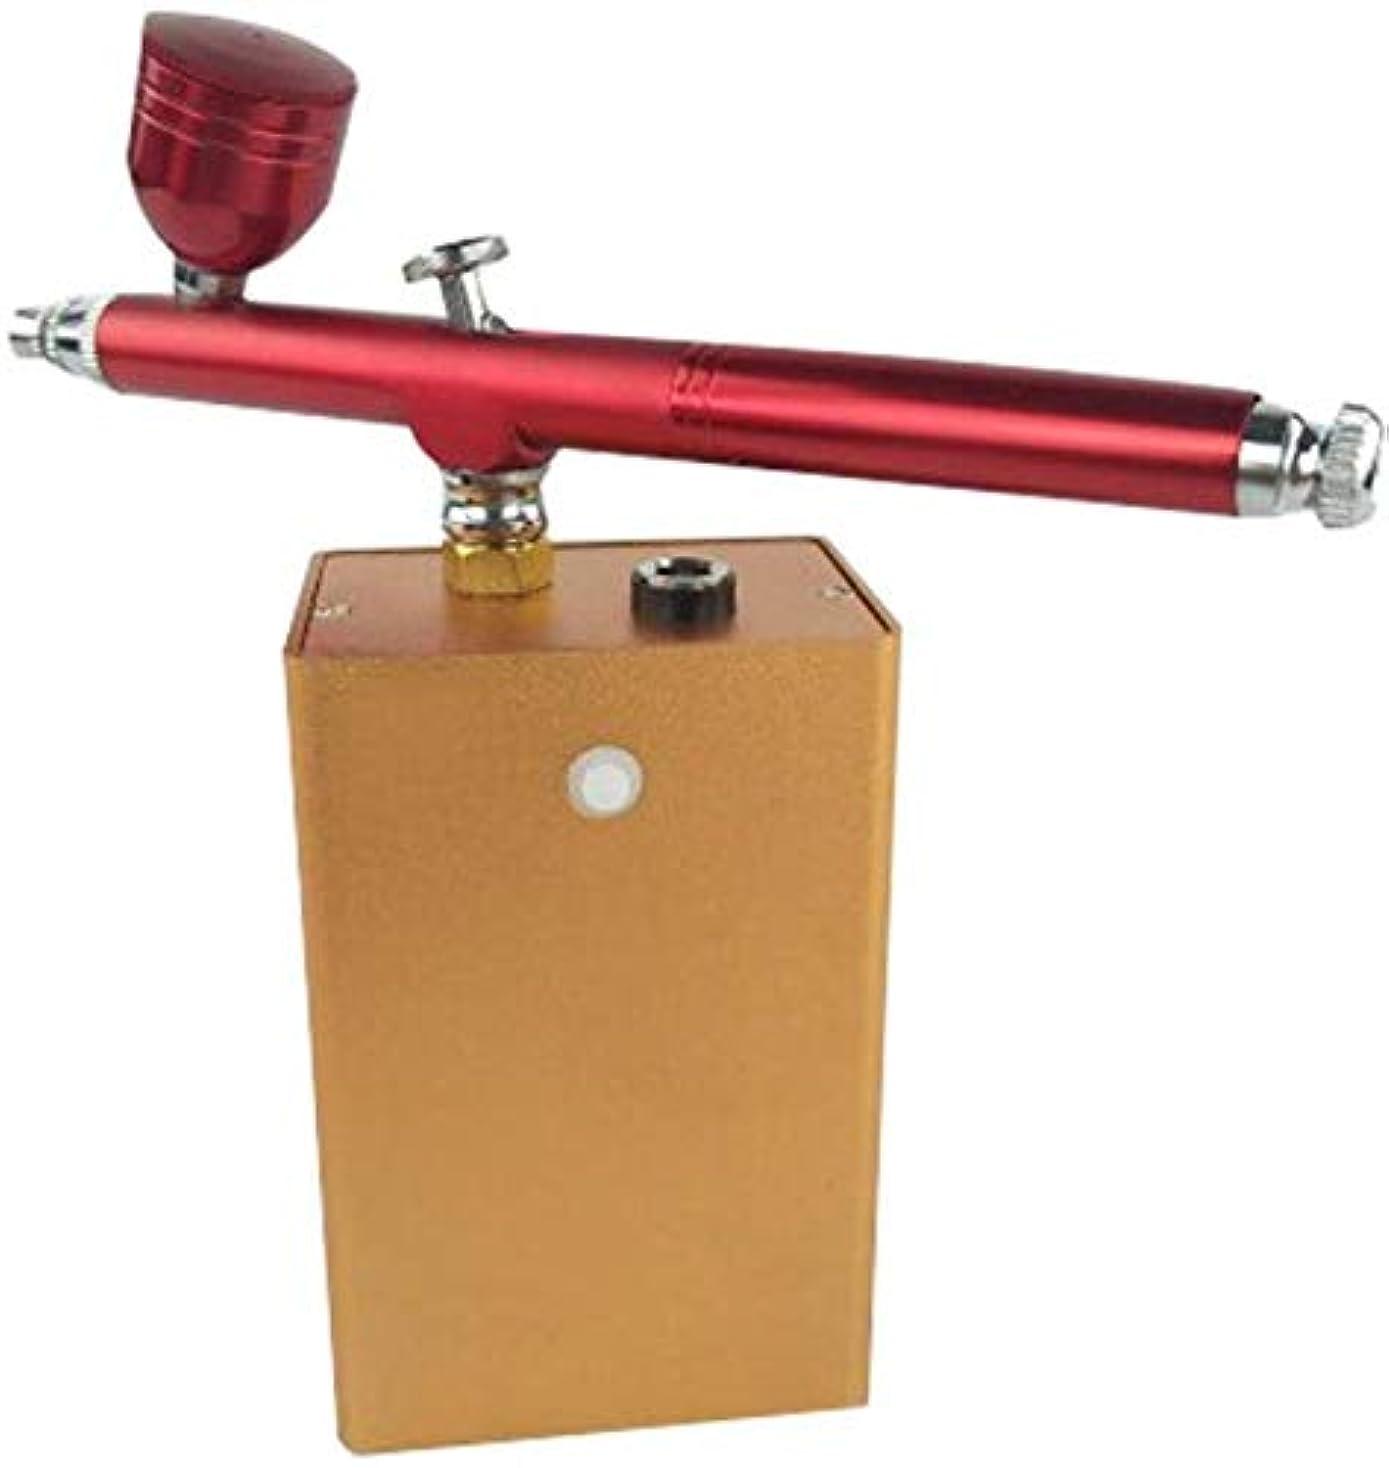 危険ブロッサム天良質の水和のスプレーの器械の美の保湿の家の携帯用小型再充電可能な水酸素の器械の酸素のメートル